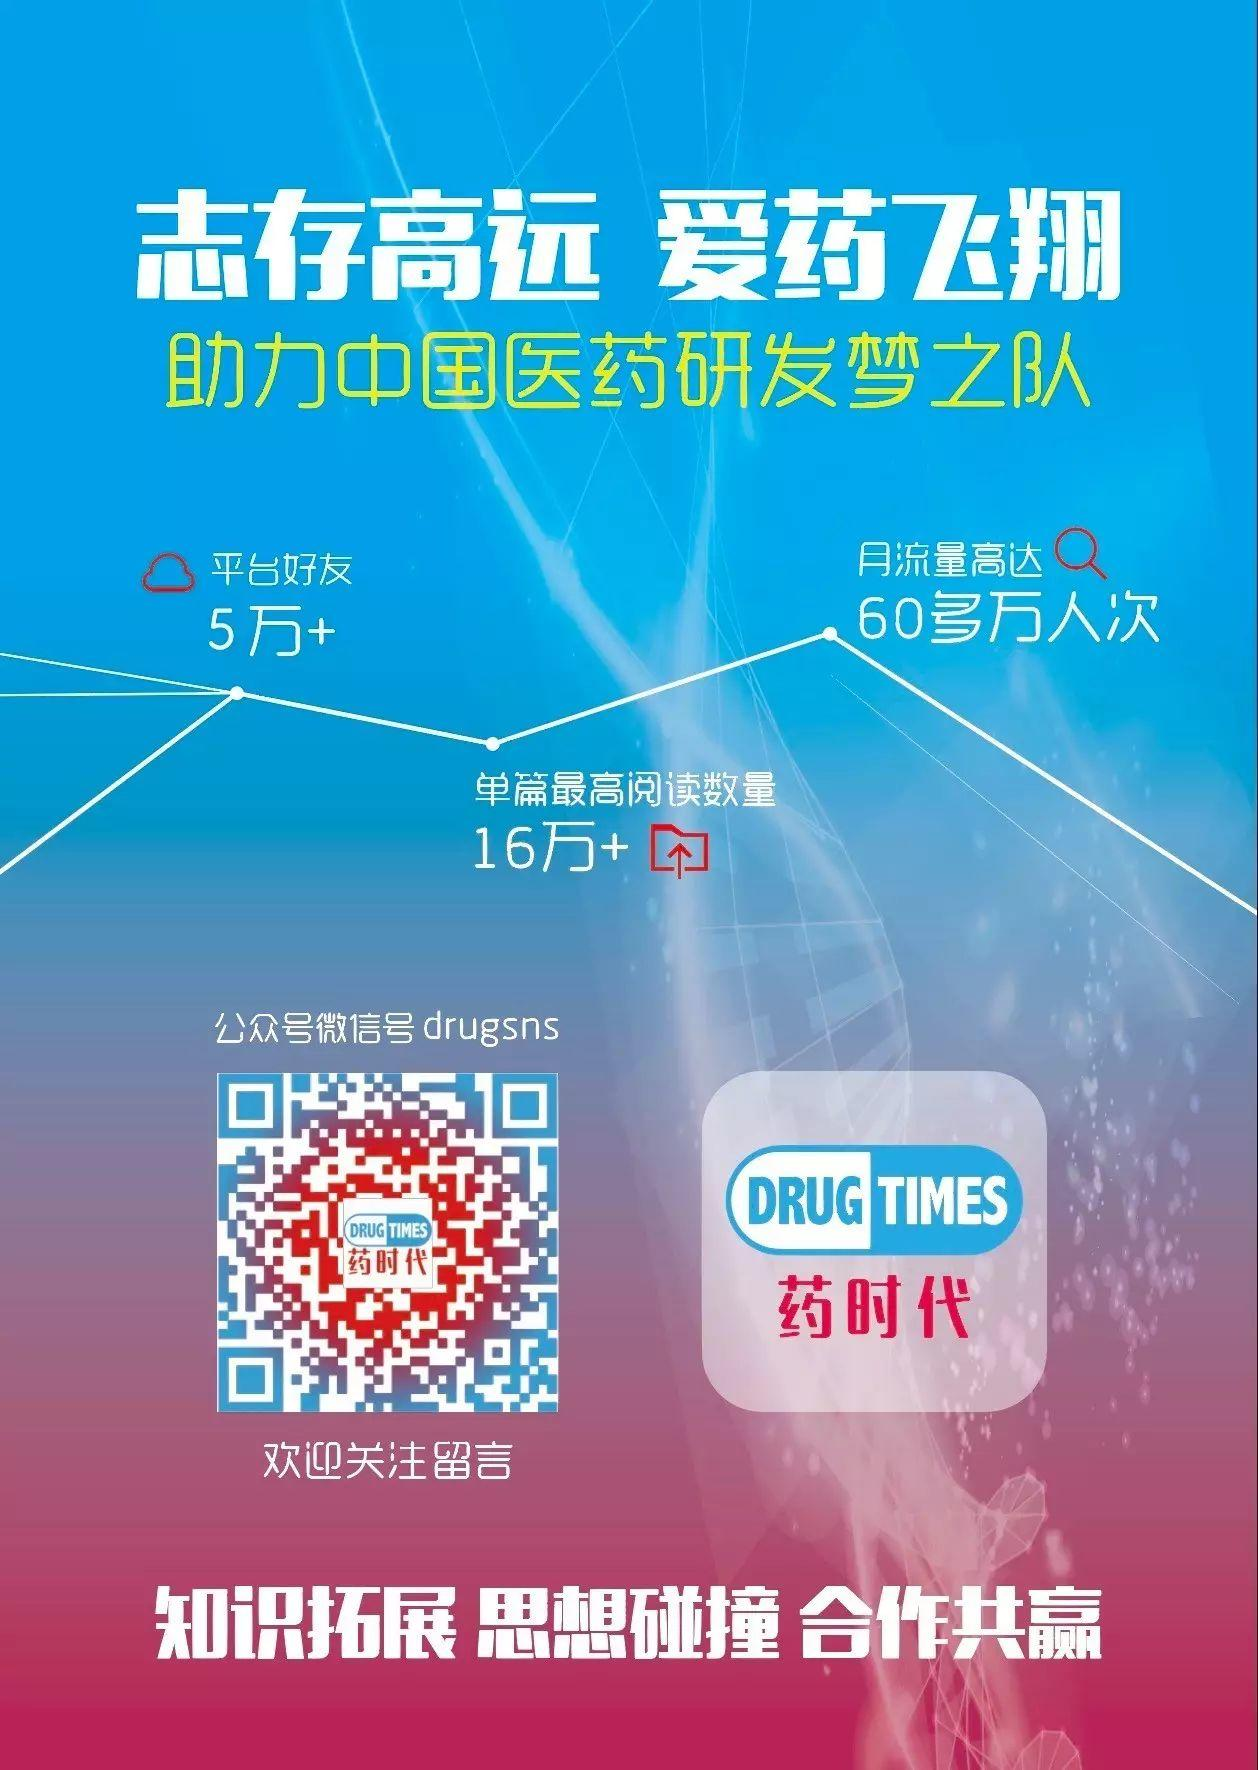 走进新时代 谱写新篇章!— 2017中国新药研发立项与投融资高峰对话圆满举办!